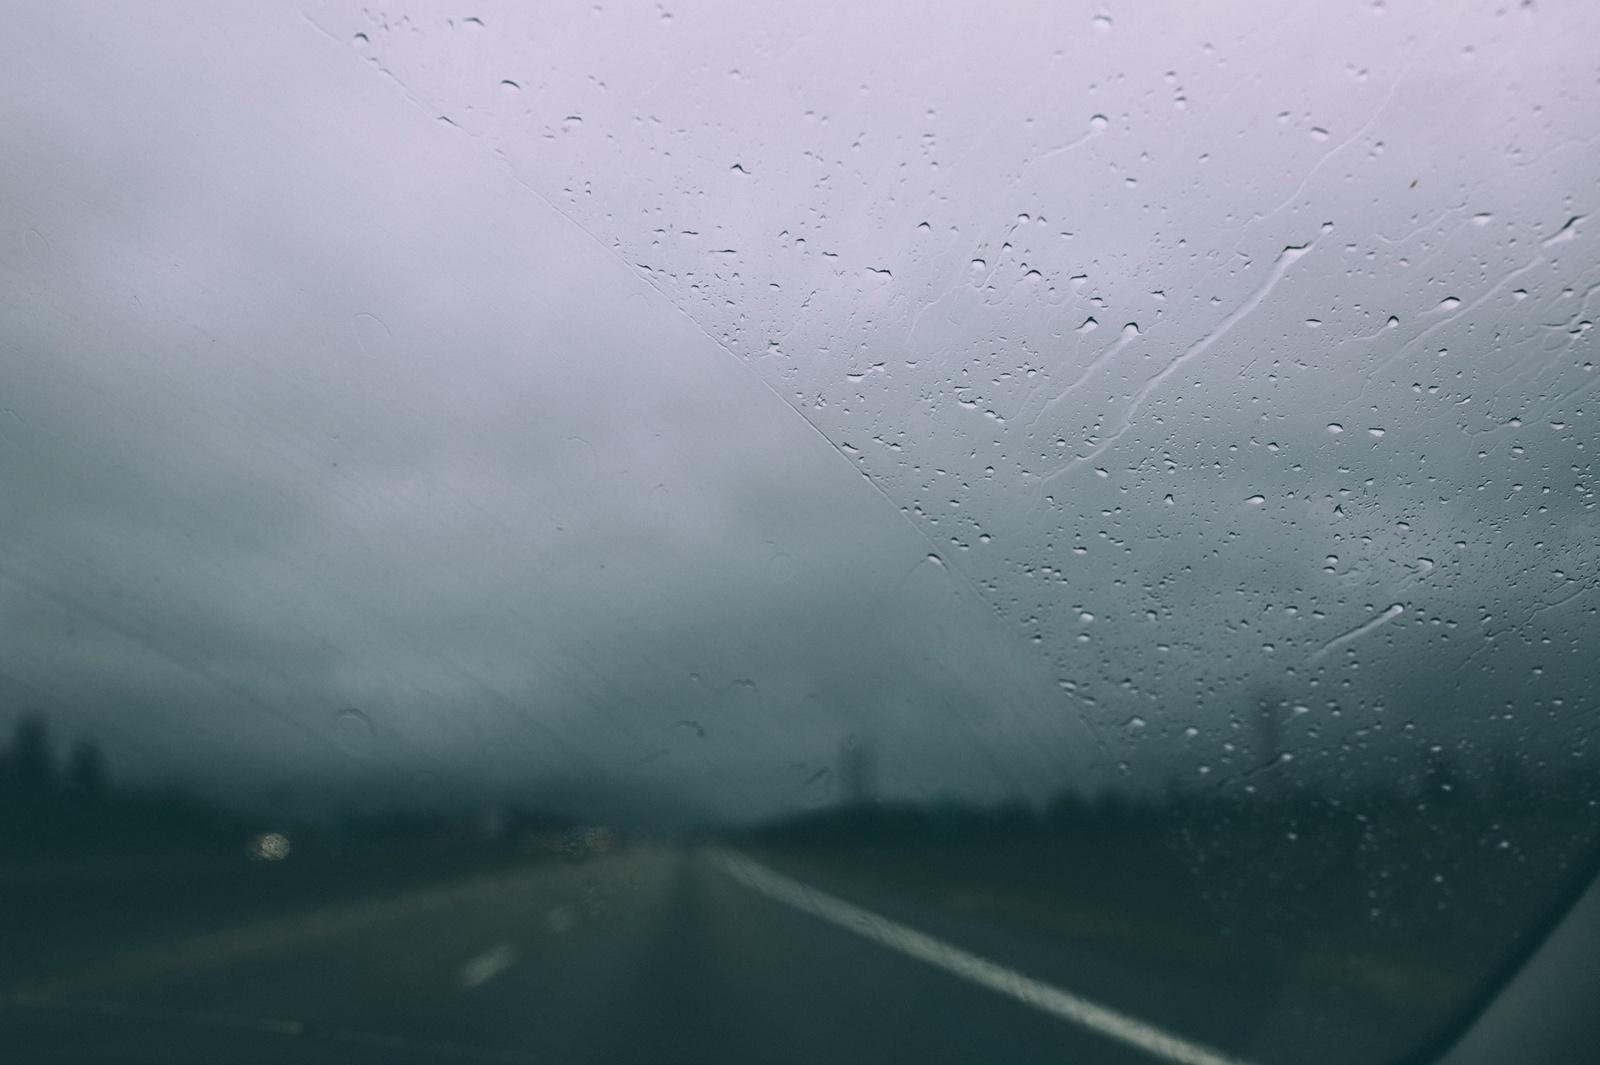 Naktį eismą sunkins lietus, šlapdriba ir vietomis susidarysiantis plikledis